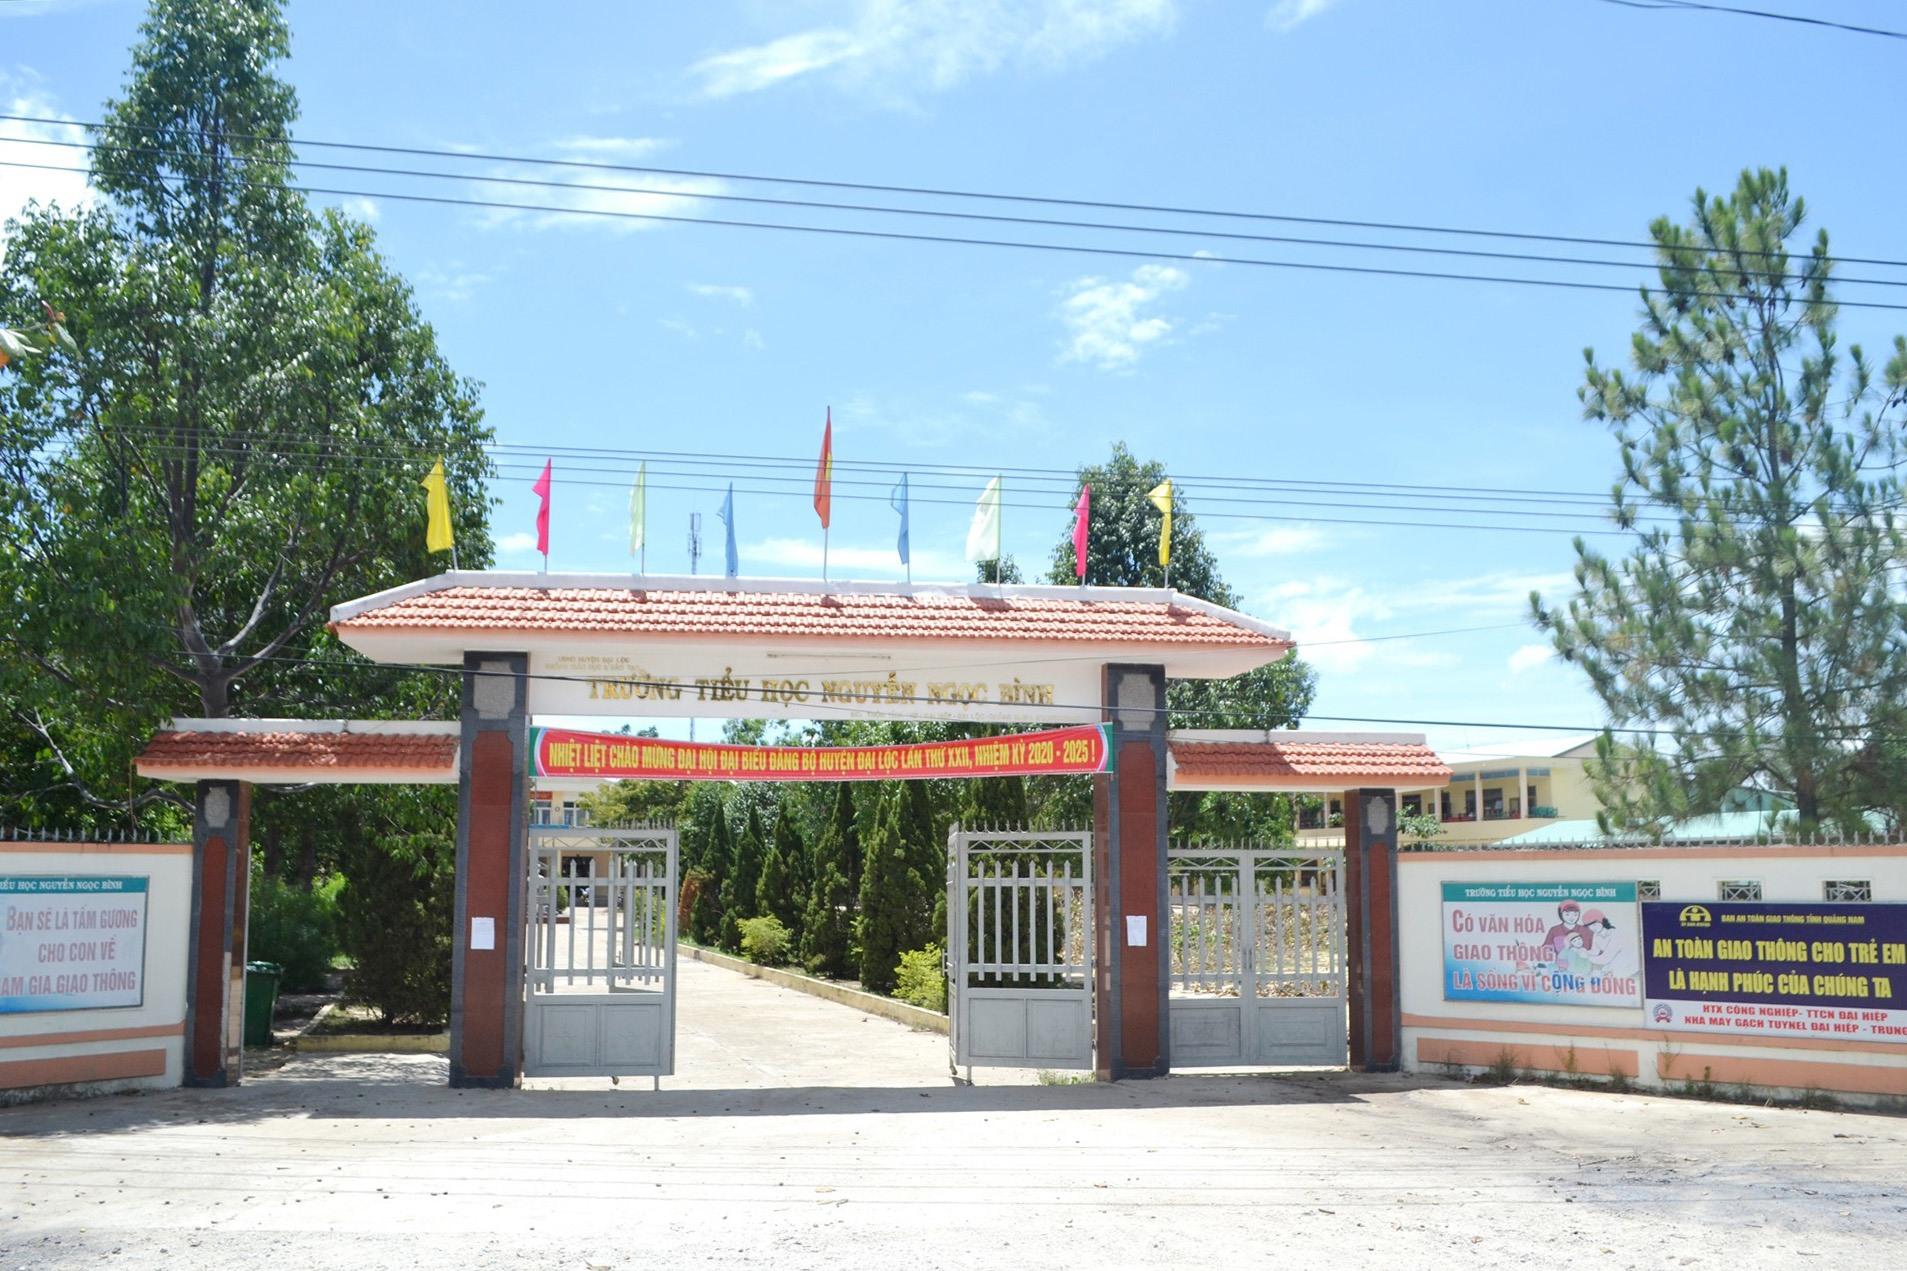 Đại Lộc thành lập khu cách ly số 4 tại Trường Tiểu học Nguyễn Ngọc Bình. Ảnh: KHẢI KHIÊM